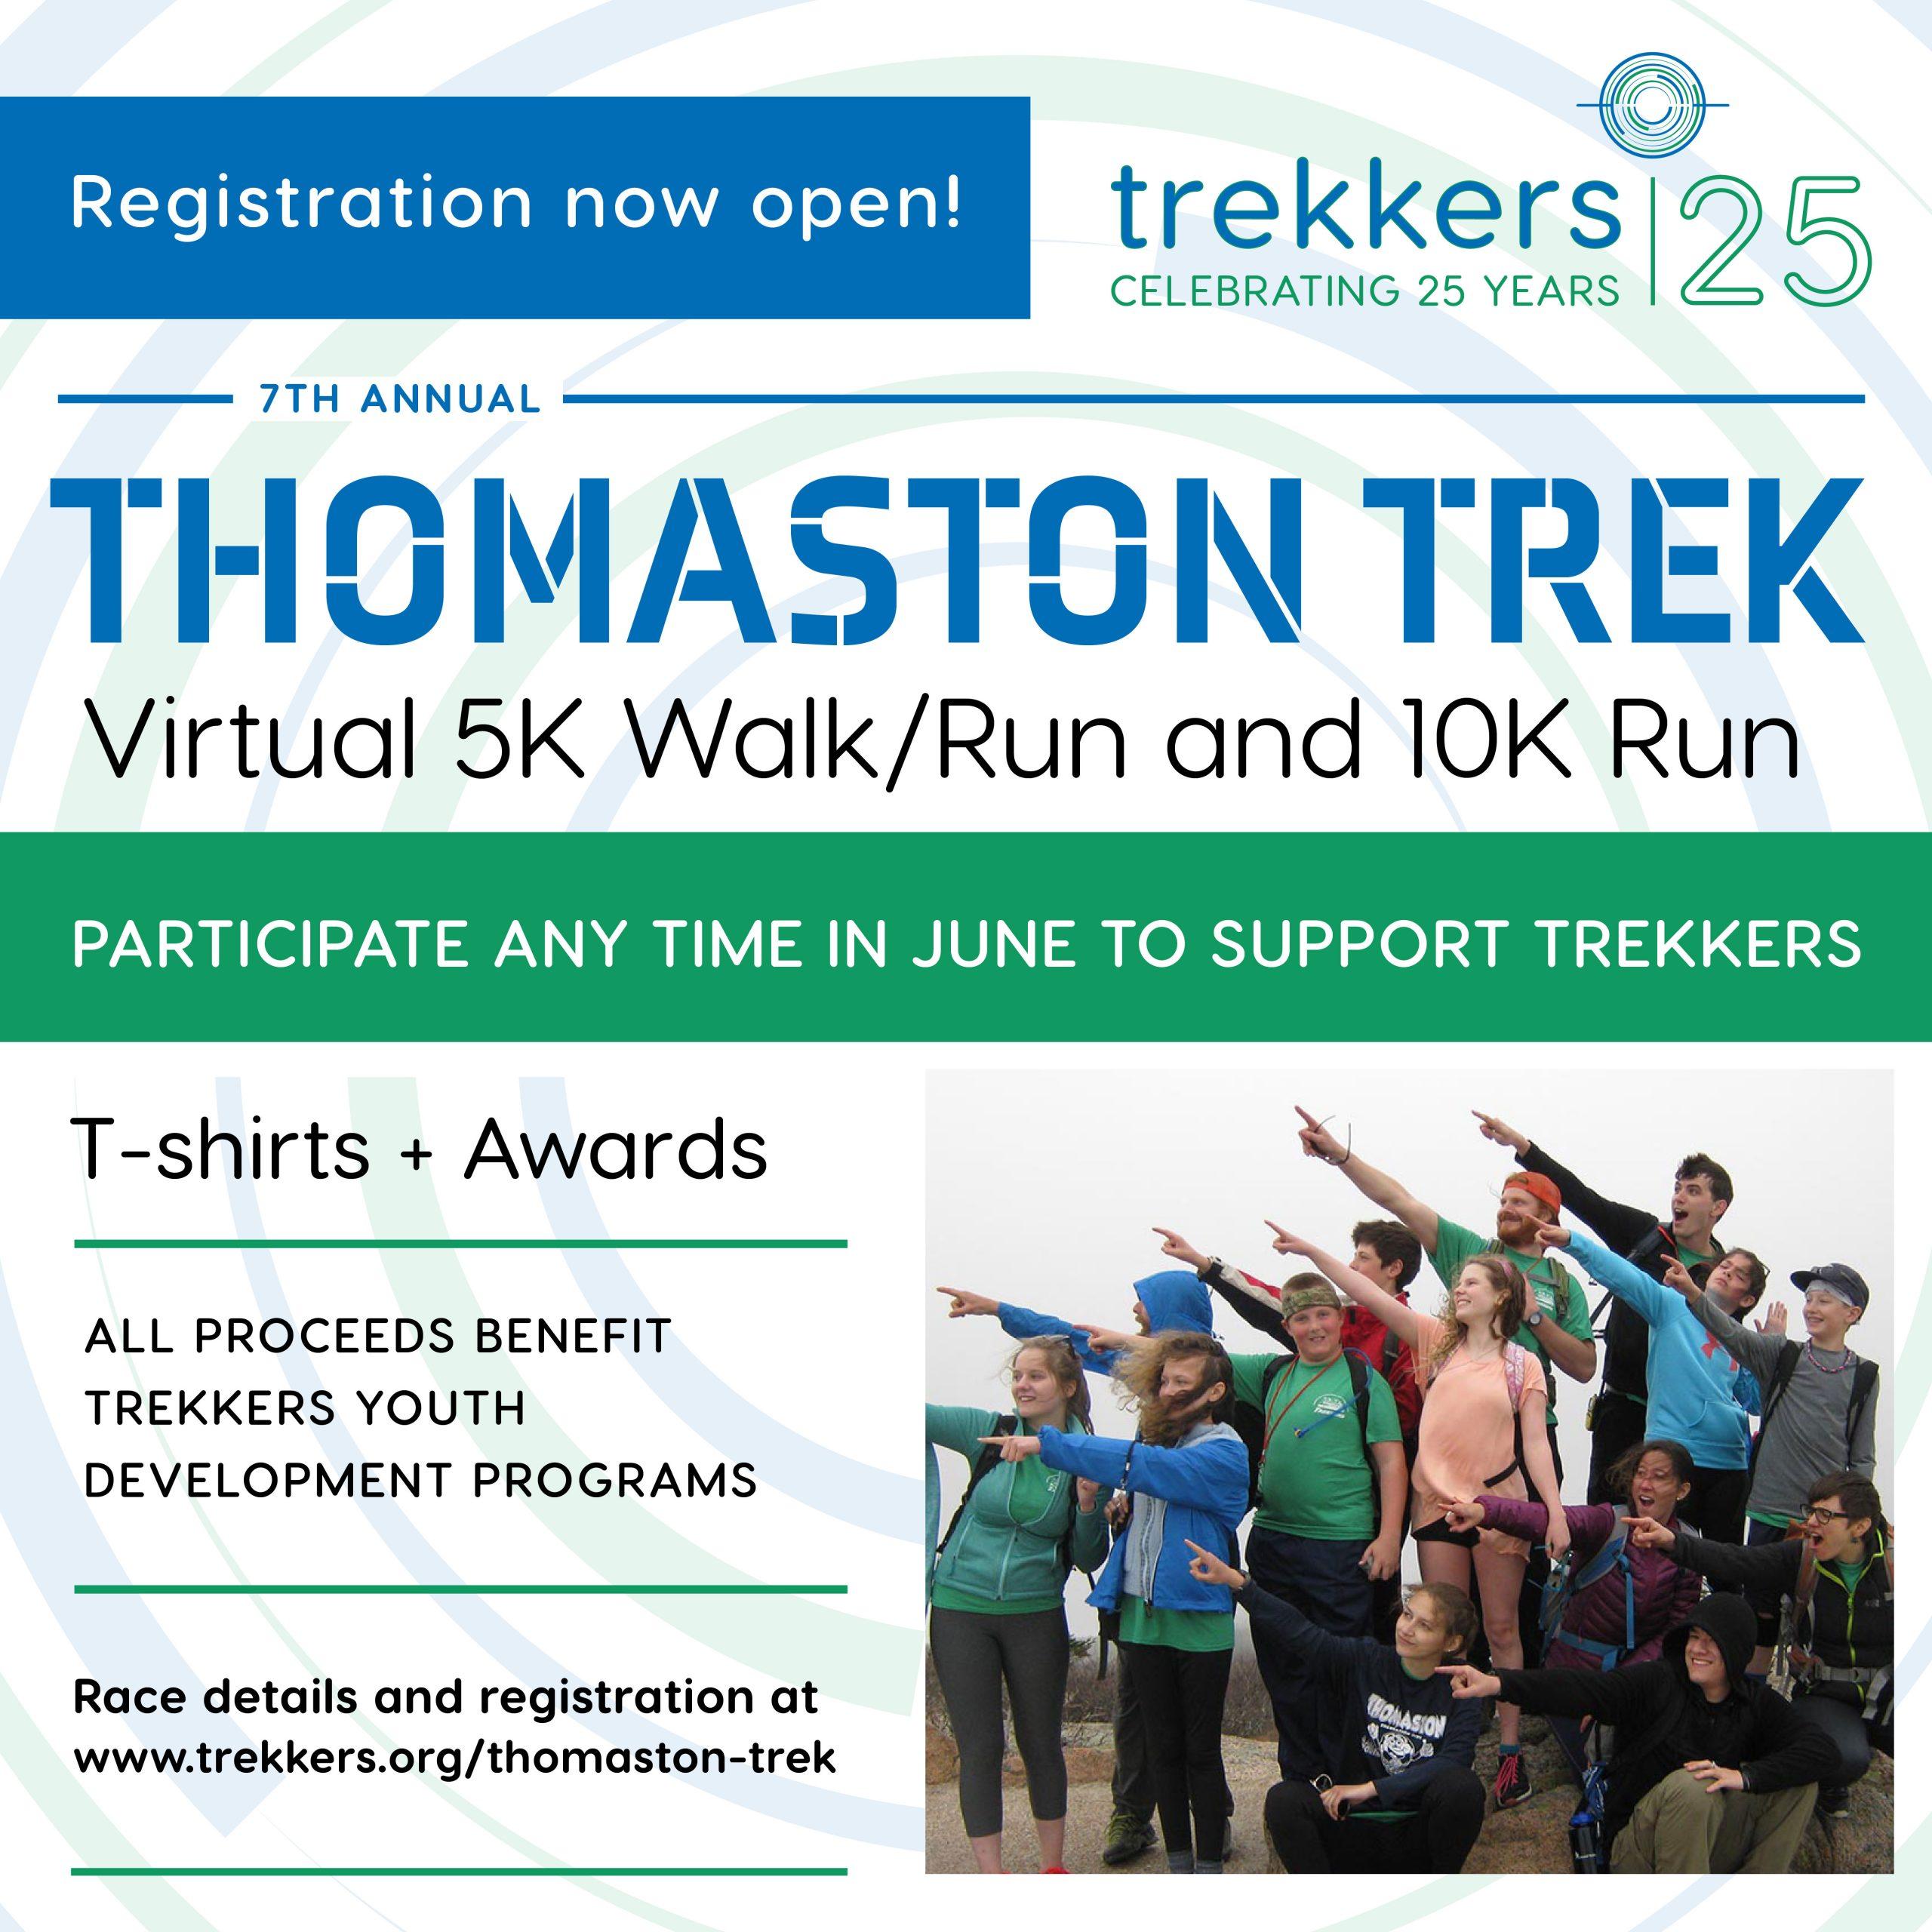 Thomaston Trek